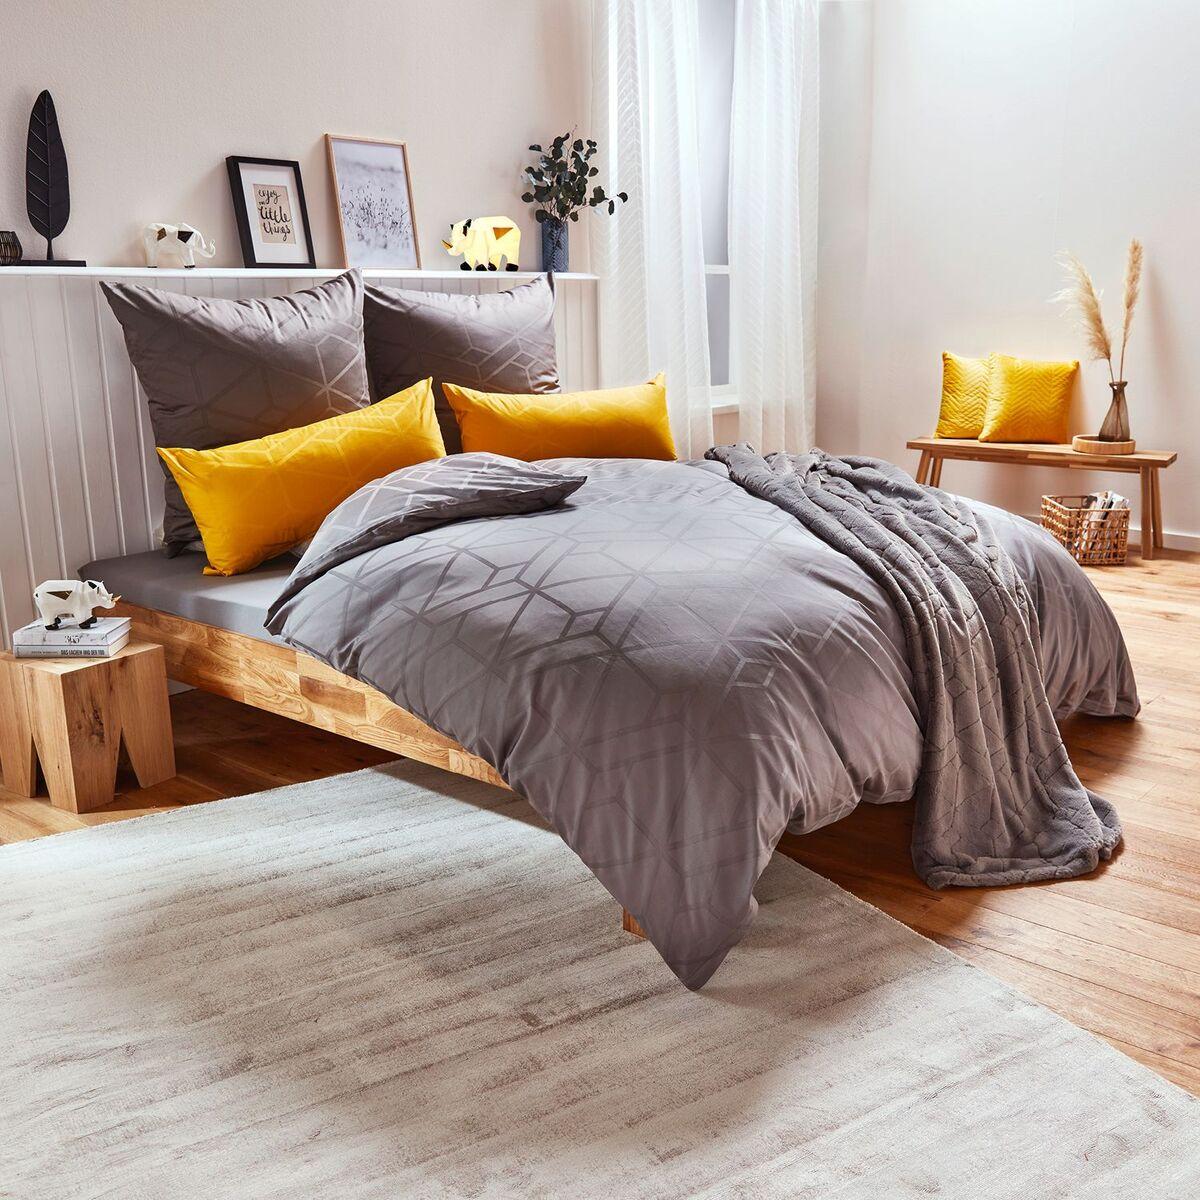 Bild 5 von CASA Deco Jacquard Bettwäsche Premium Normalgröße